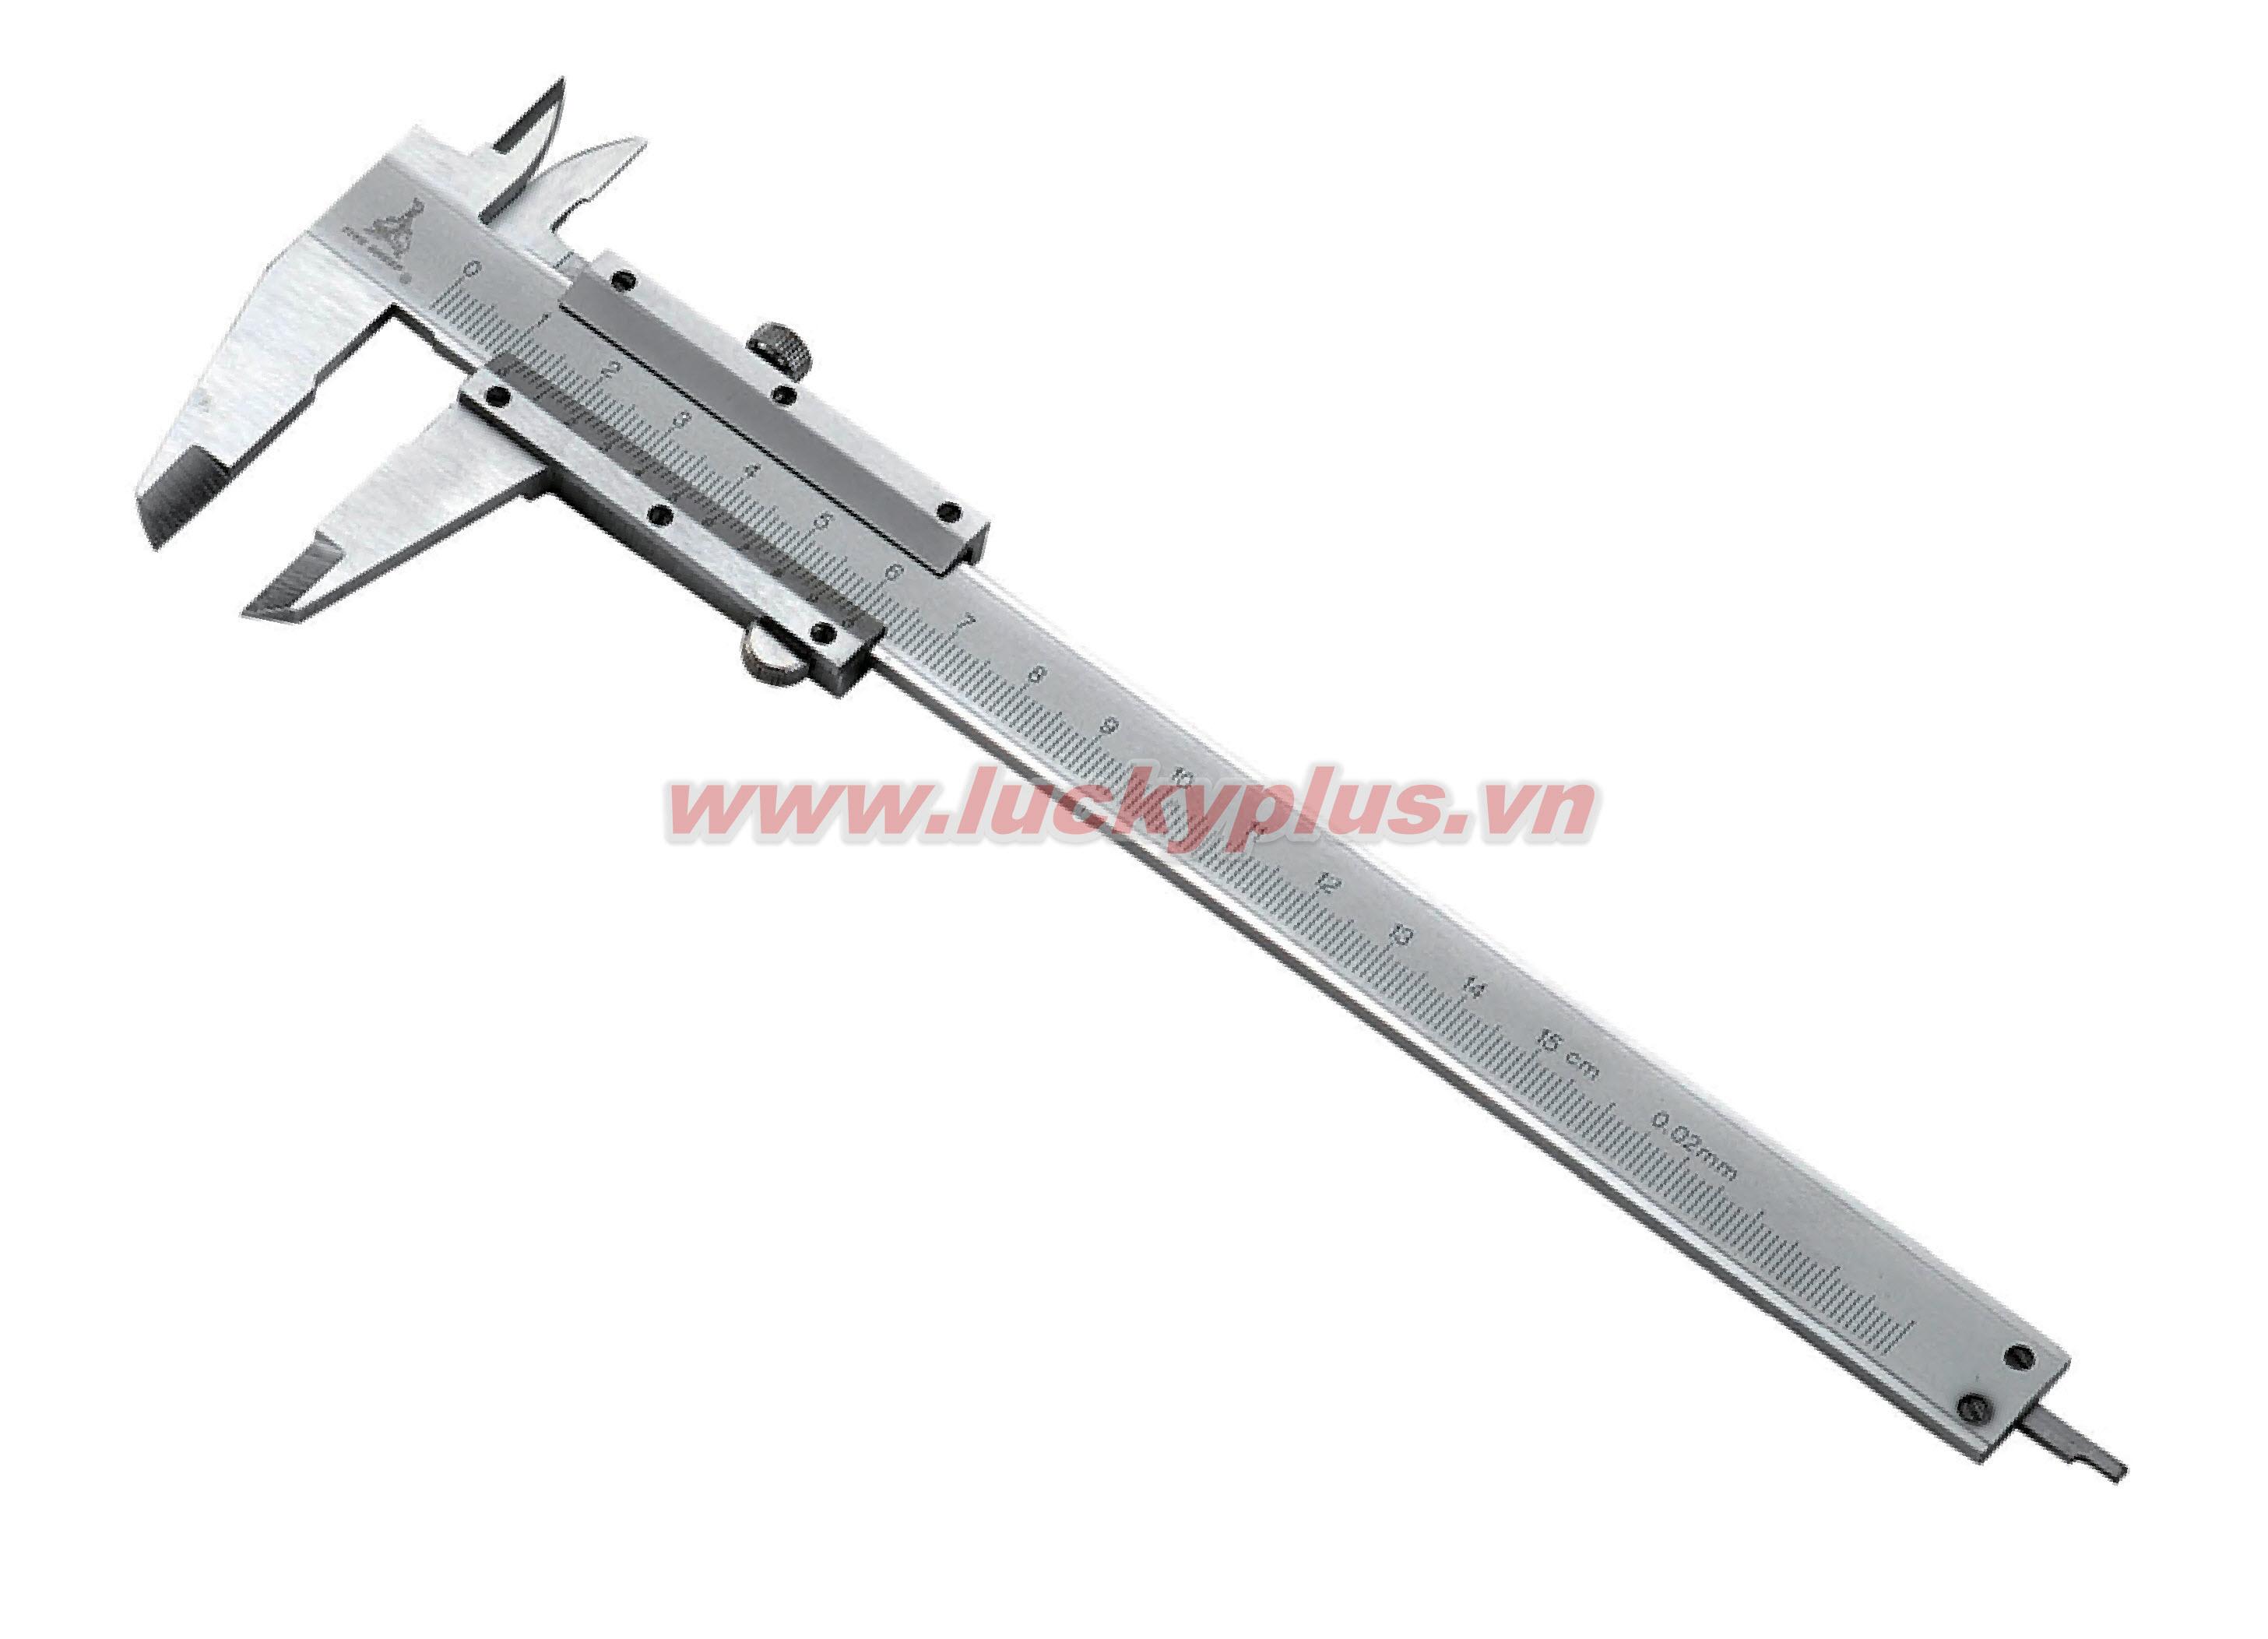 Thước kẹp FiveSheep FS-0601 0-150mm, FS-0602 0-200mm, FS-0603 0-300mm